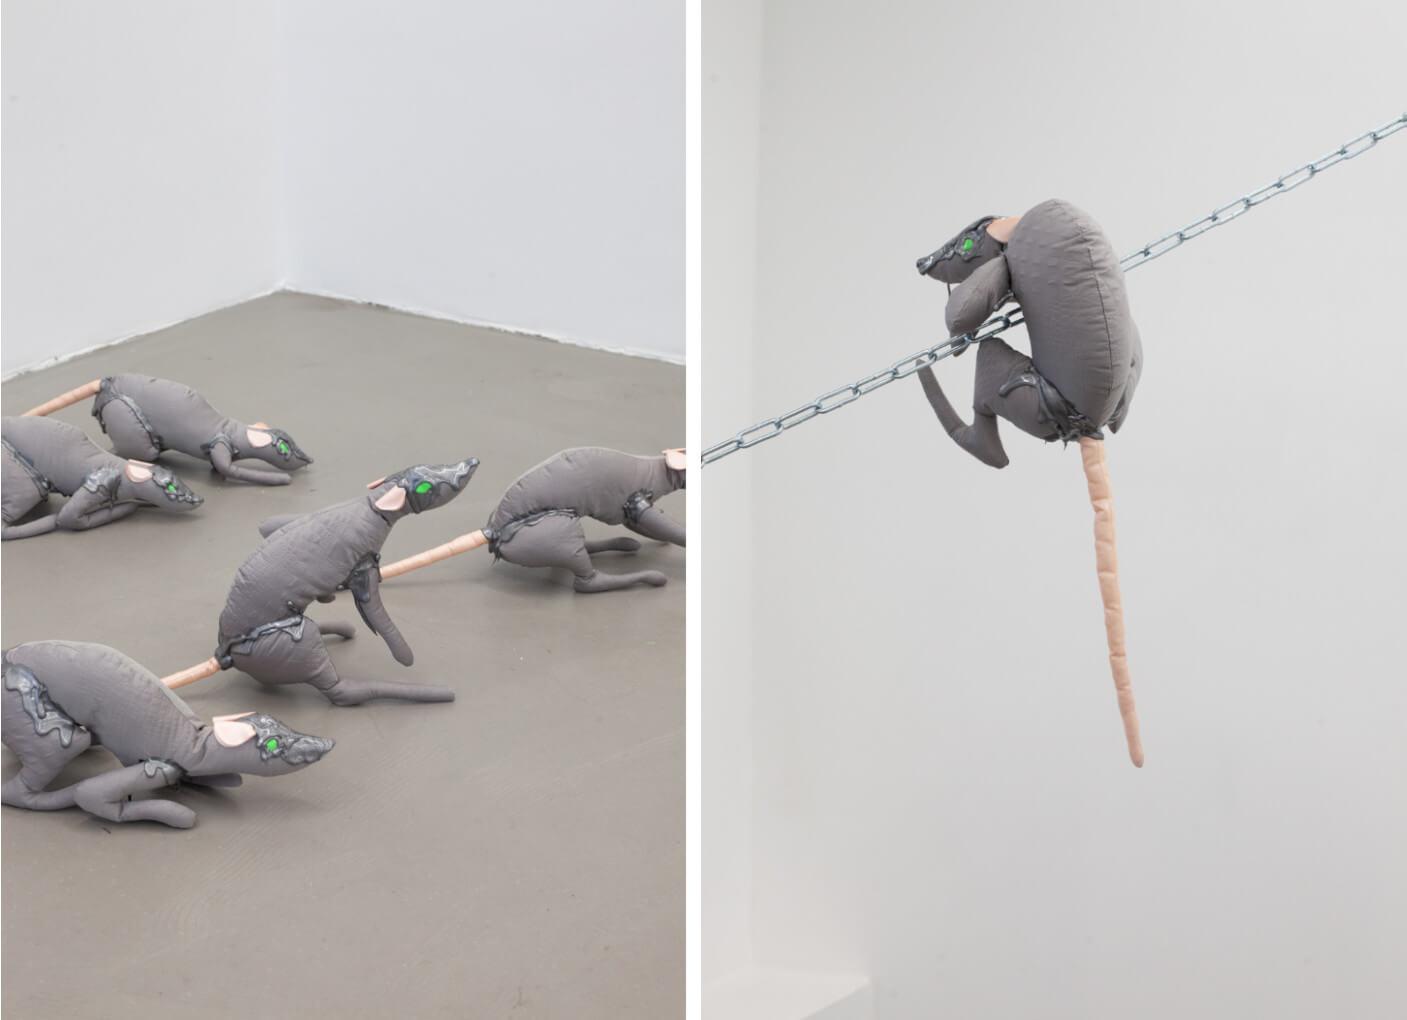 Mehrere Stofftier-Ratten mit grünen Augen klettern durch den Ausstellungsraum.